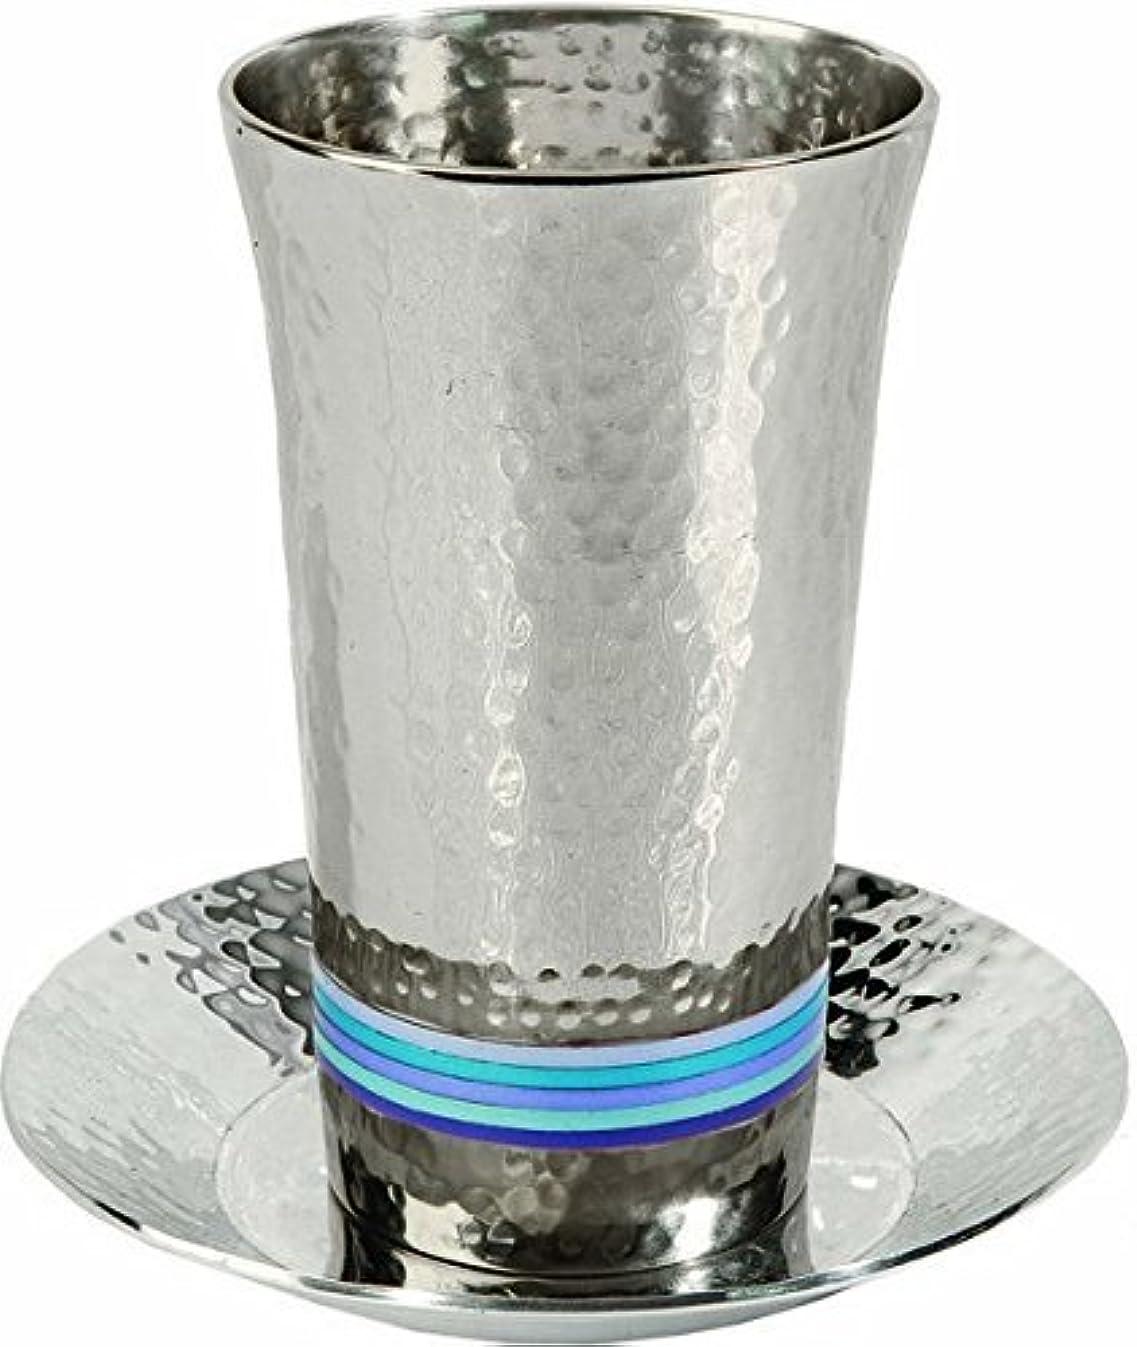 Yair Emanuel Nickel Kiddush Cup 5 Colors Hammer Work Blue (CUG-2)